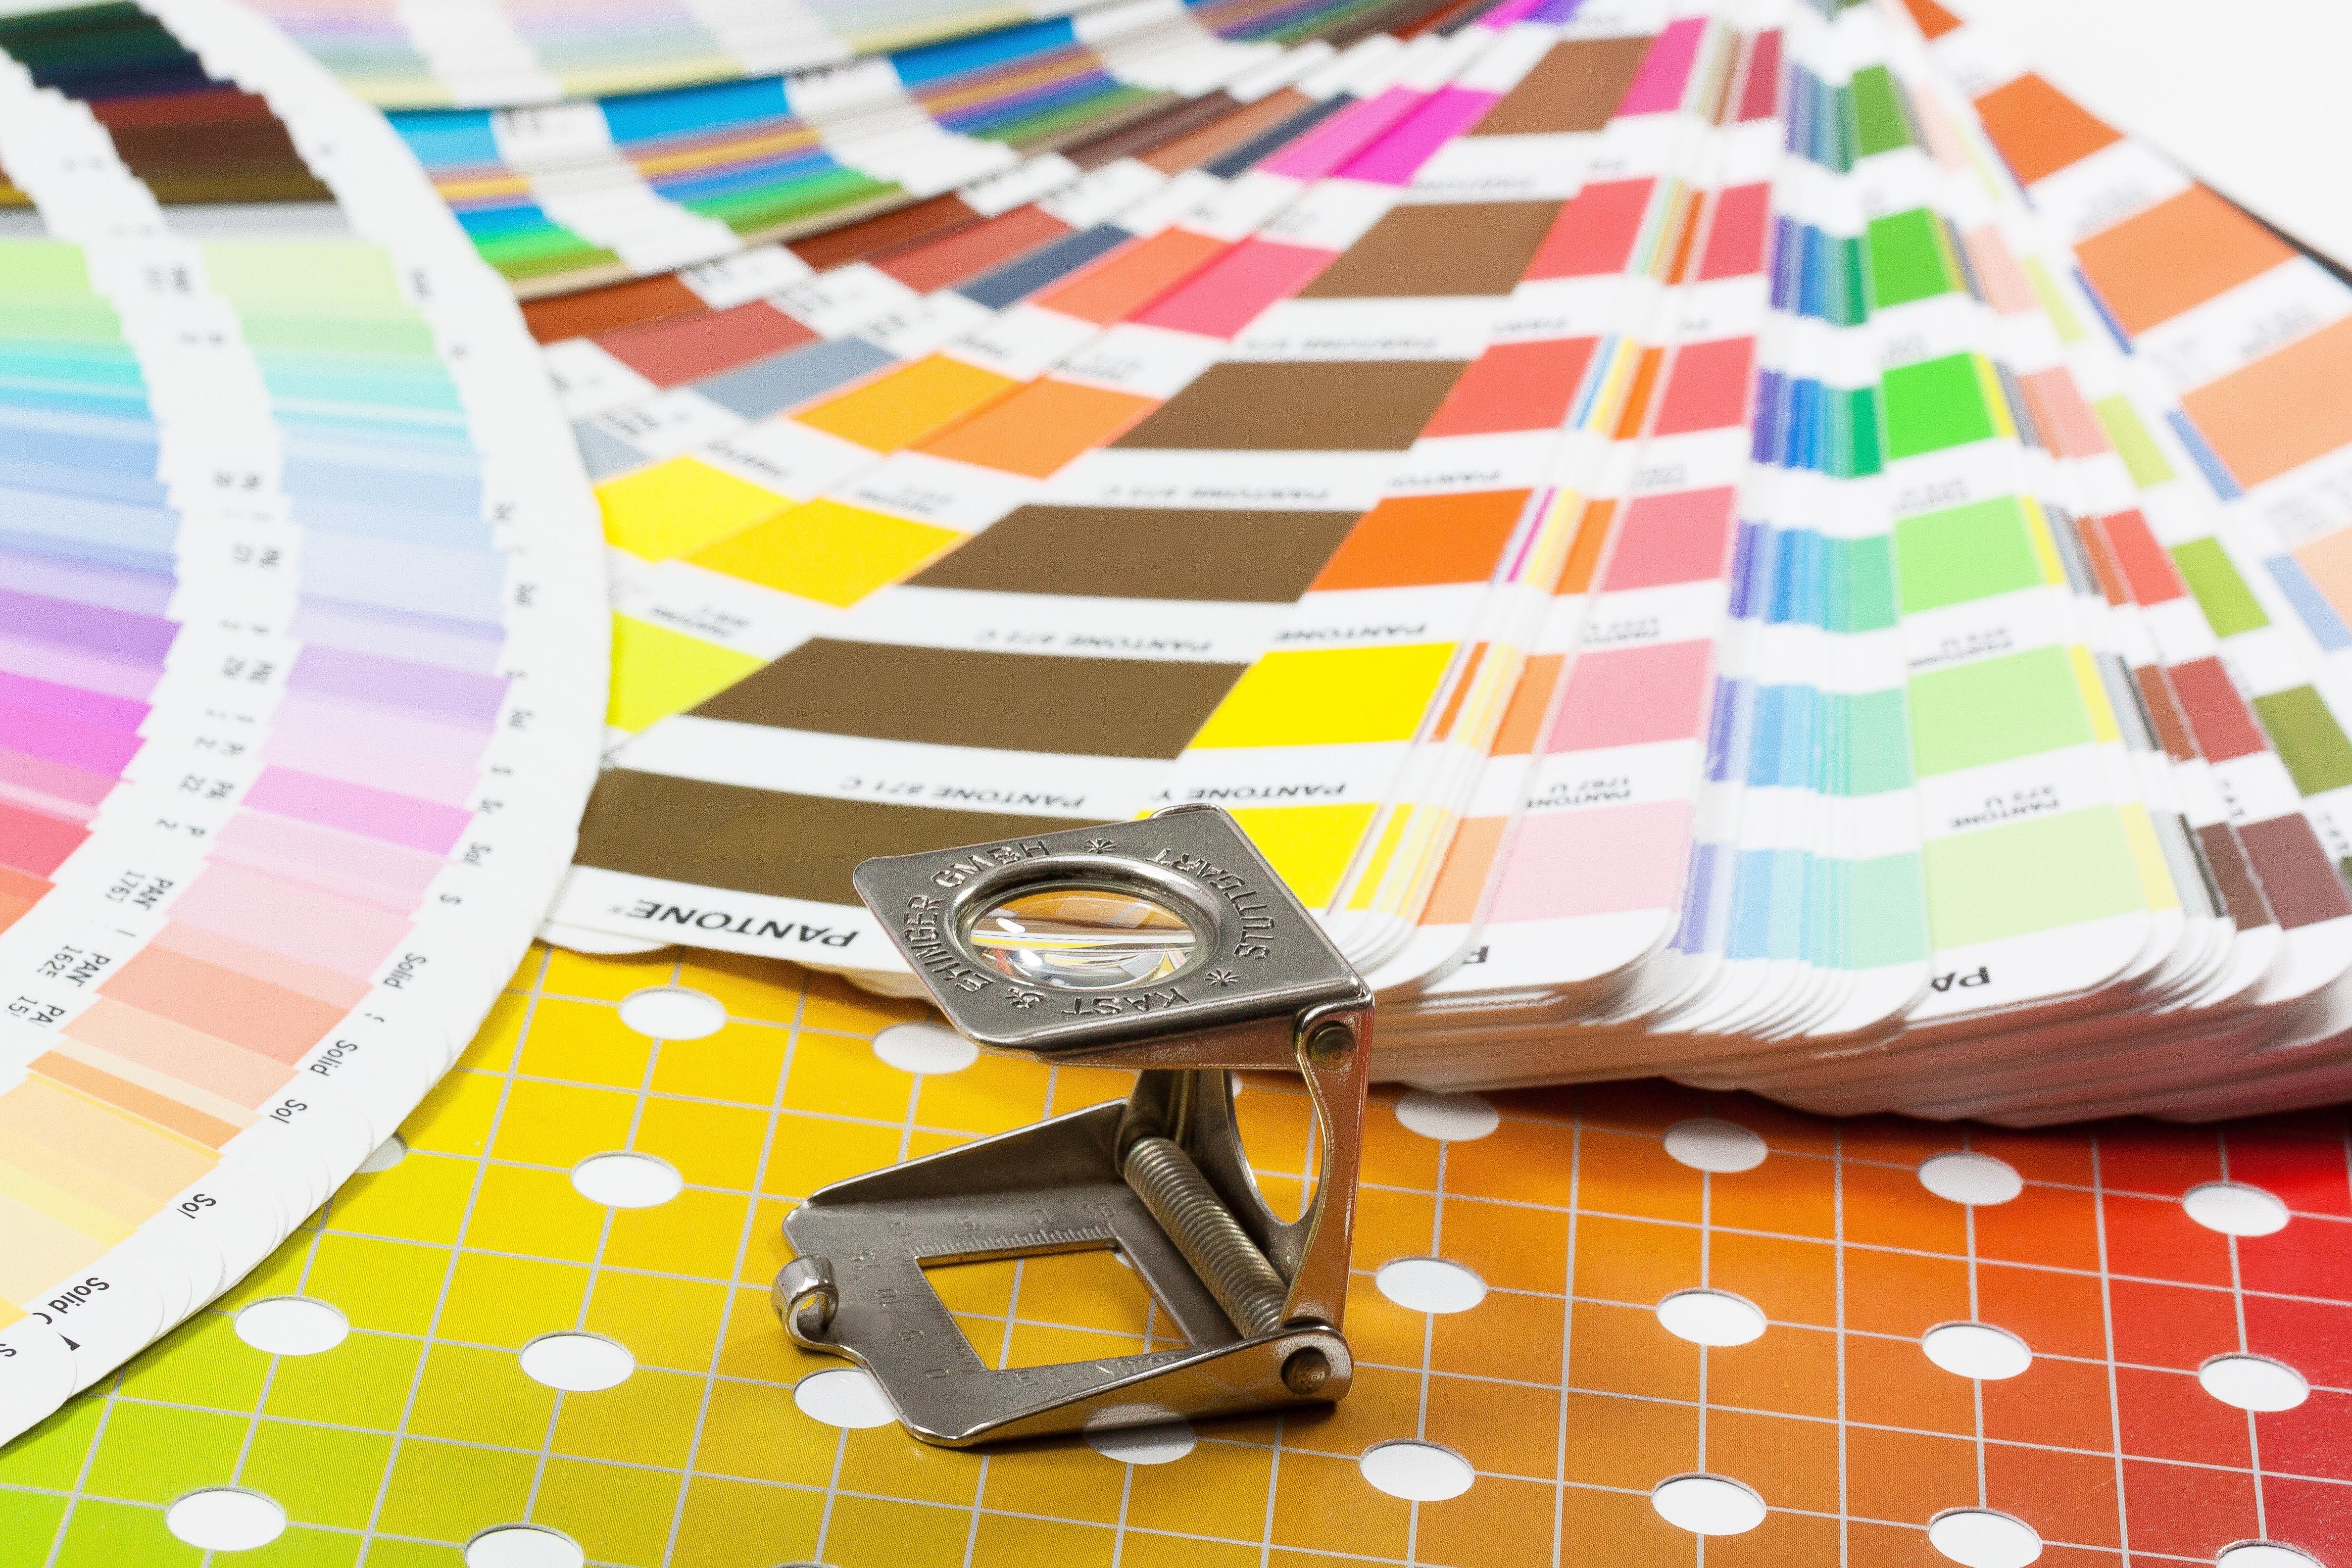 Fotos gratis : patrón, comunicación, circulo, lupa, impresión, marca ...